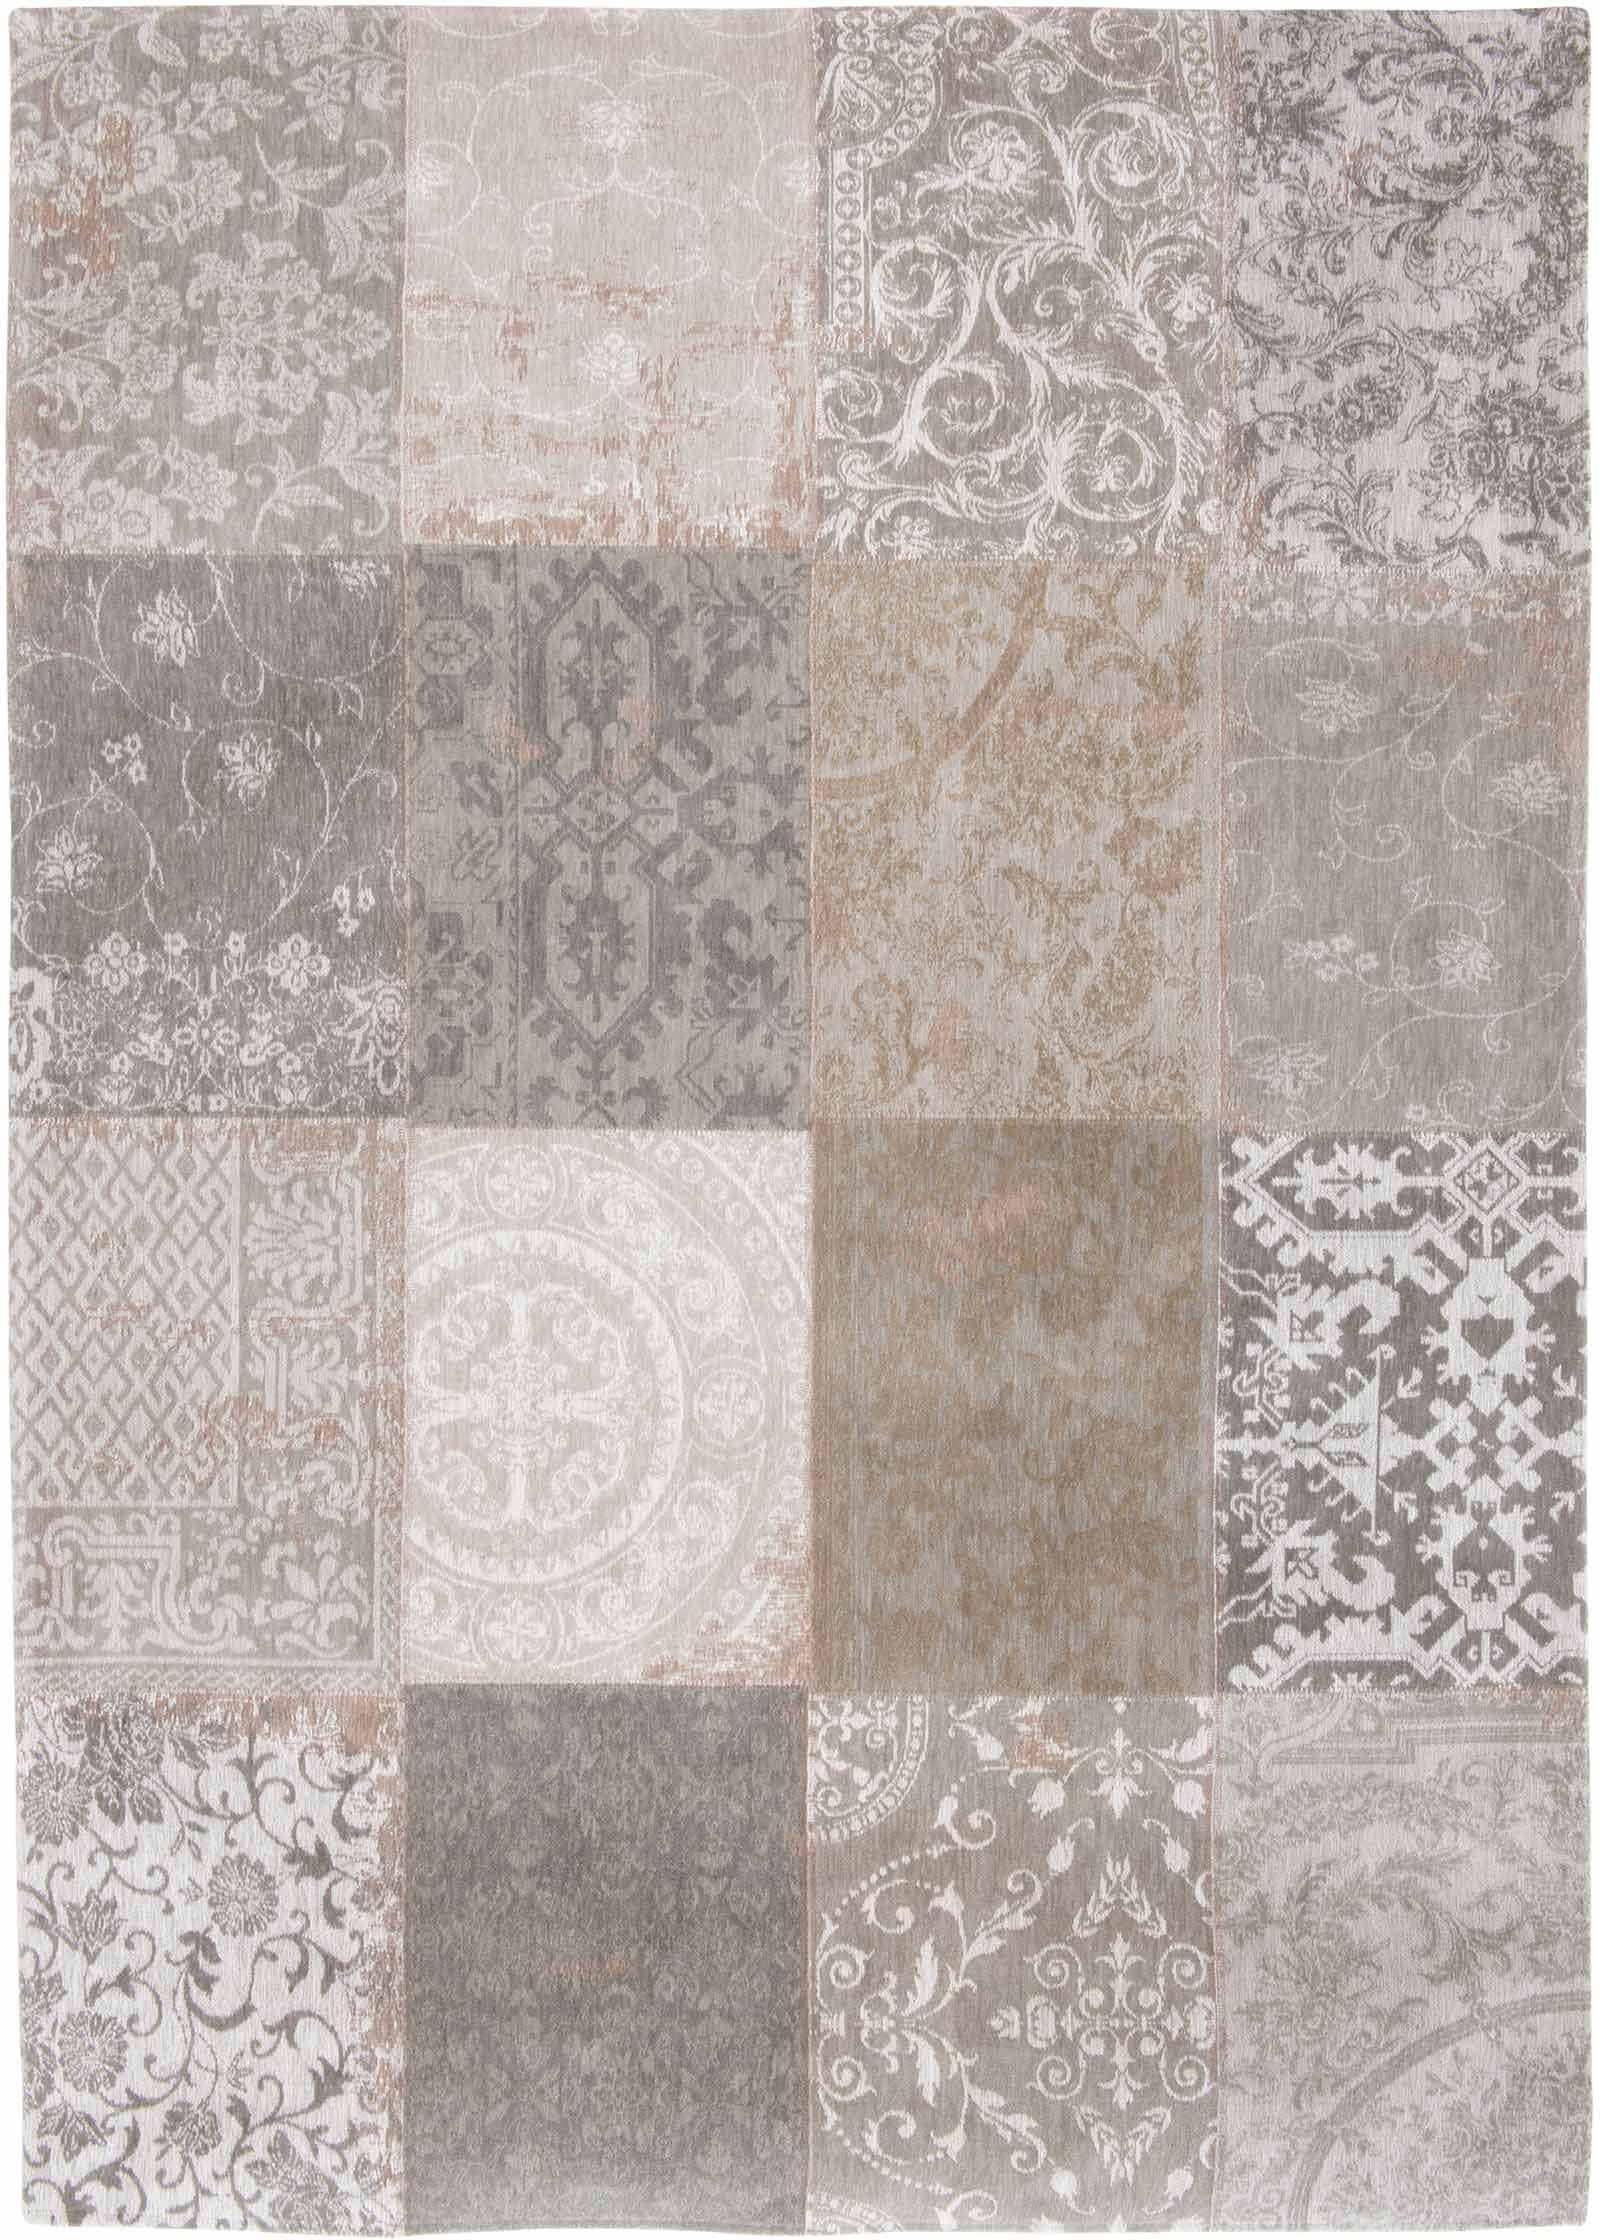 Vloerkleed Vintage Patchwork.Louis De Poortere Vloerkleed Vintage Ghent Beige 8982 Patchwork Multi Design